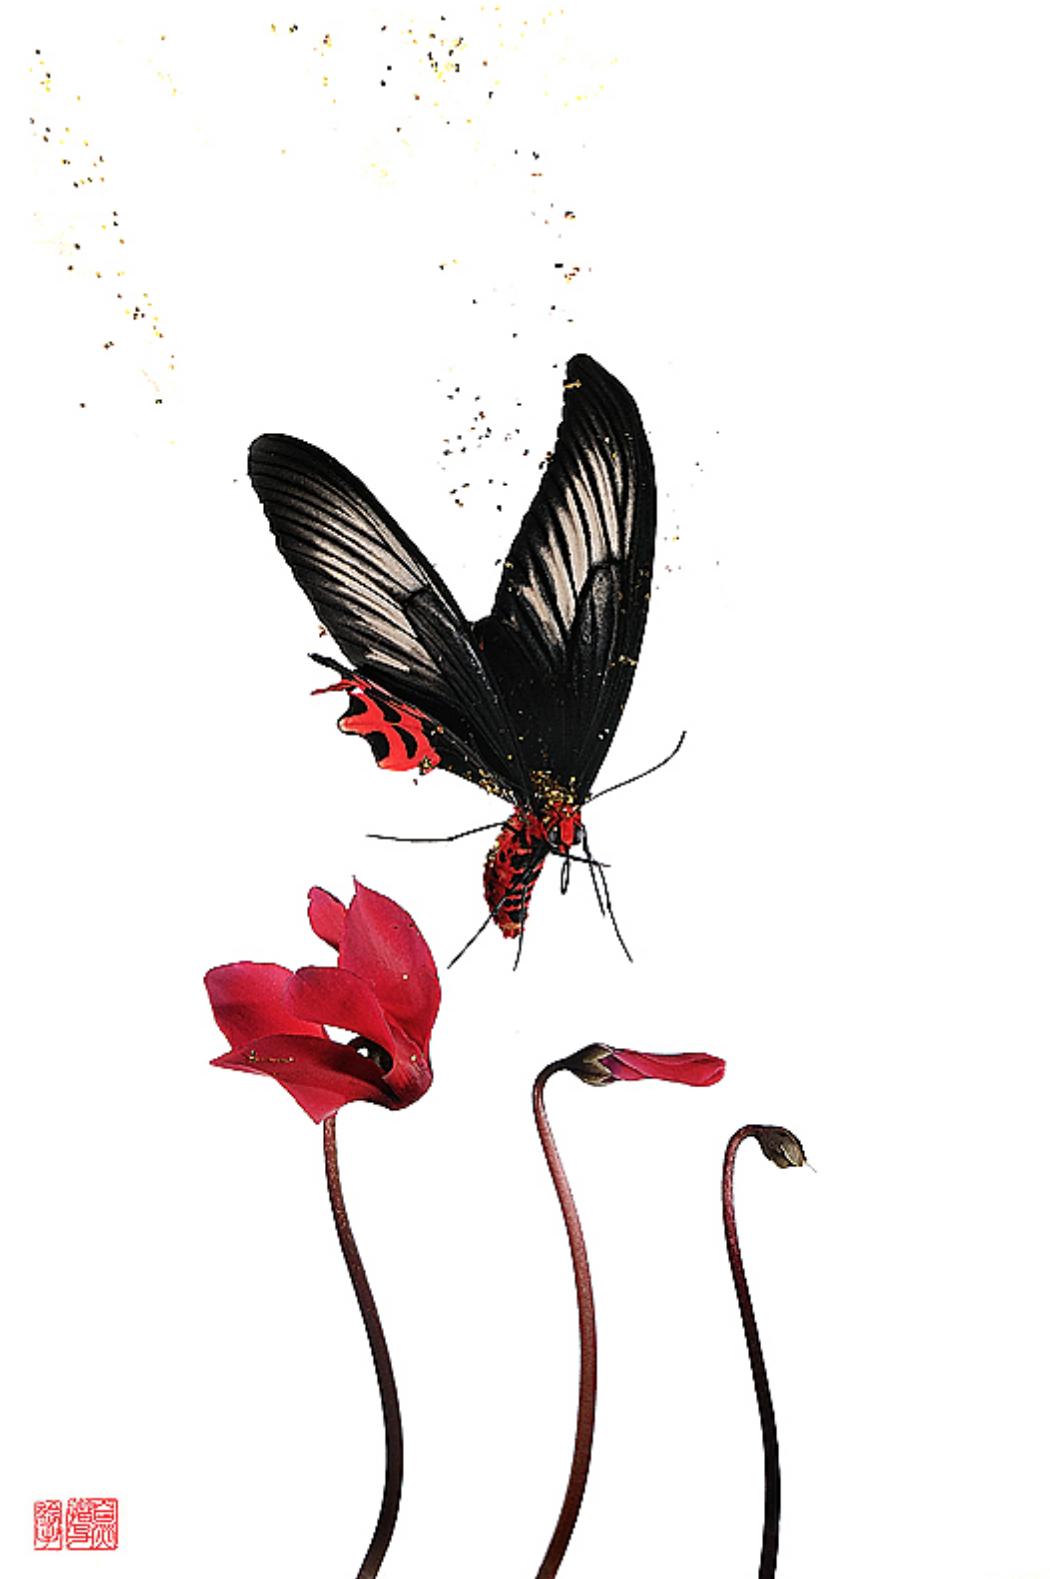 Les papillons de Stéphane Hette - Portfolio